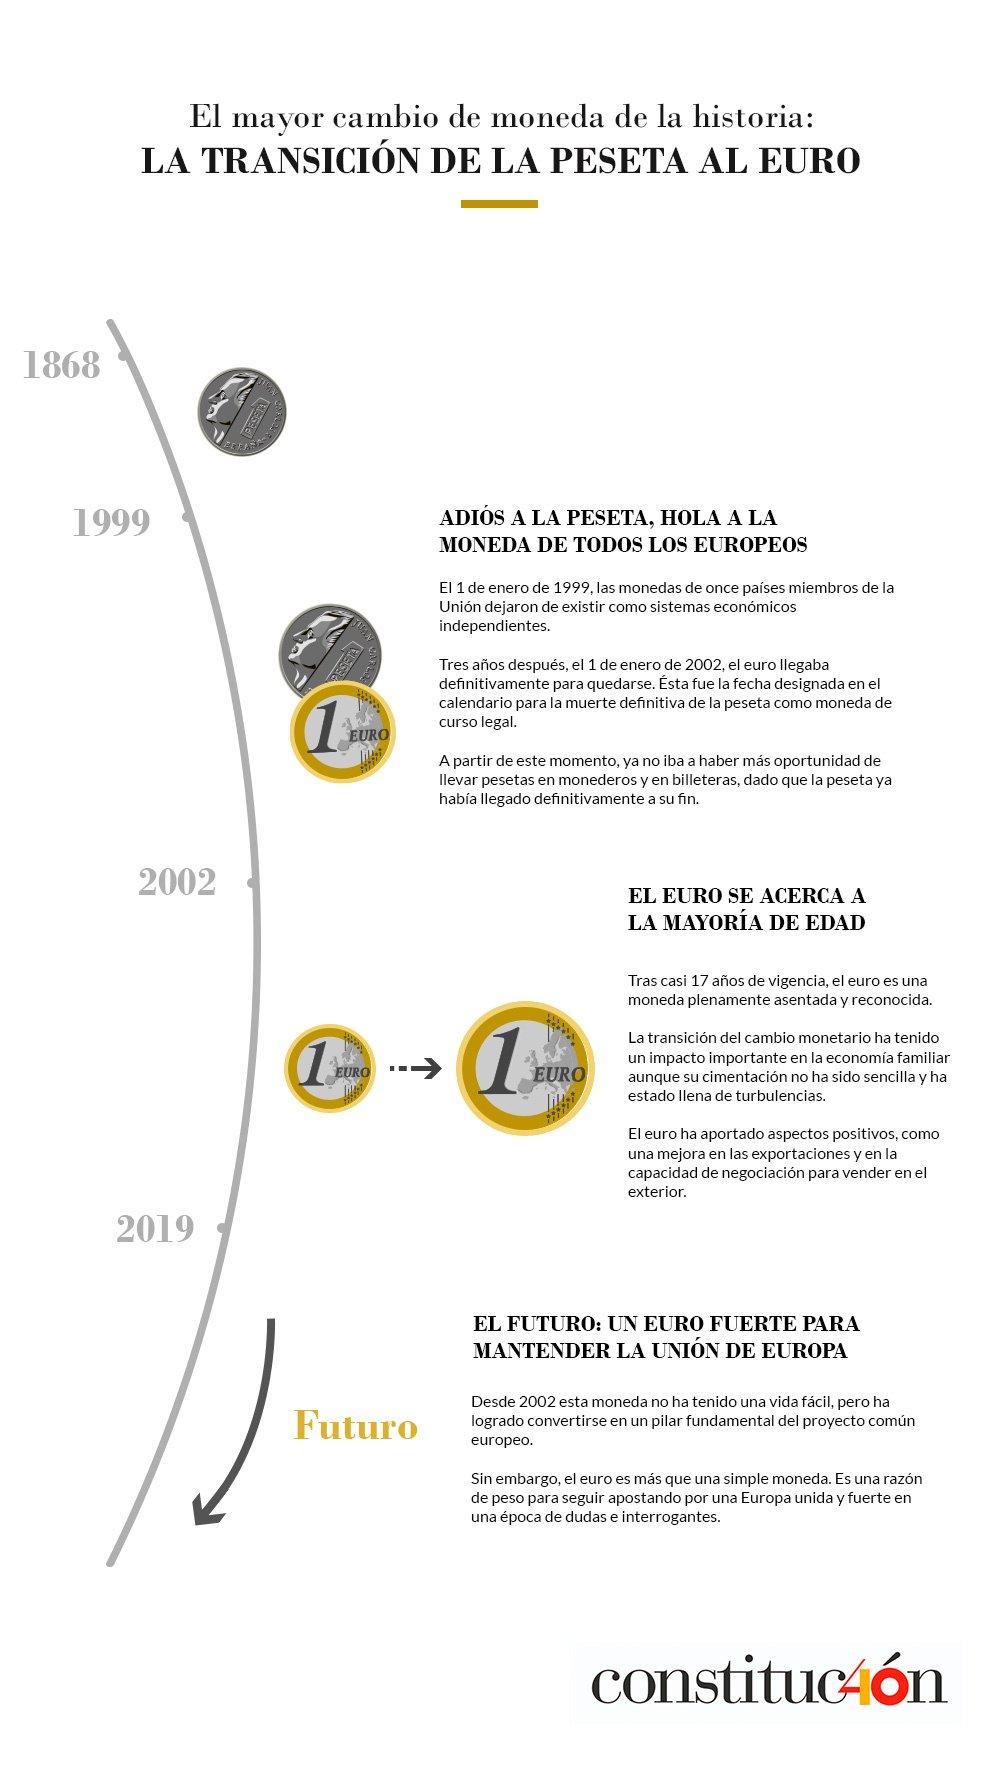 Transición de la peseta al euro. Congreso de los diputados